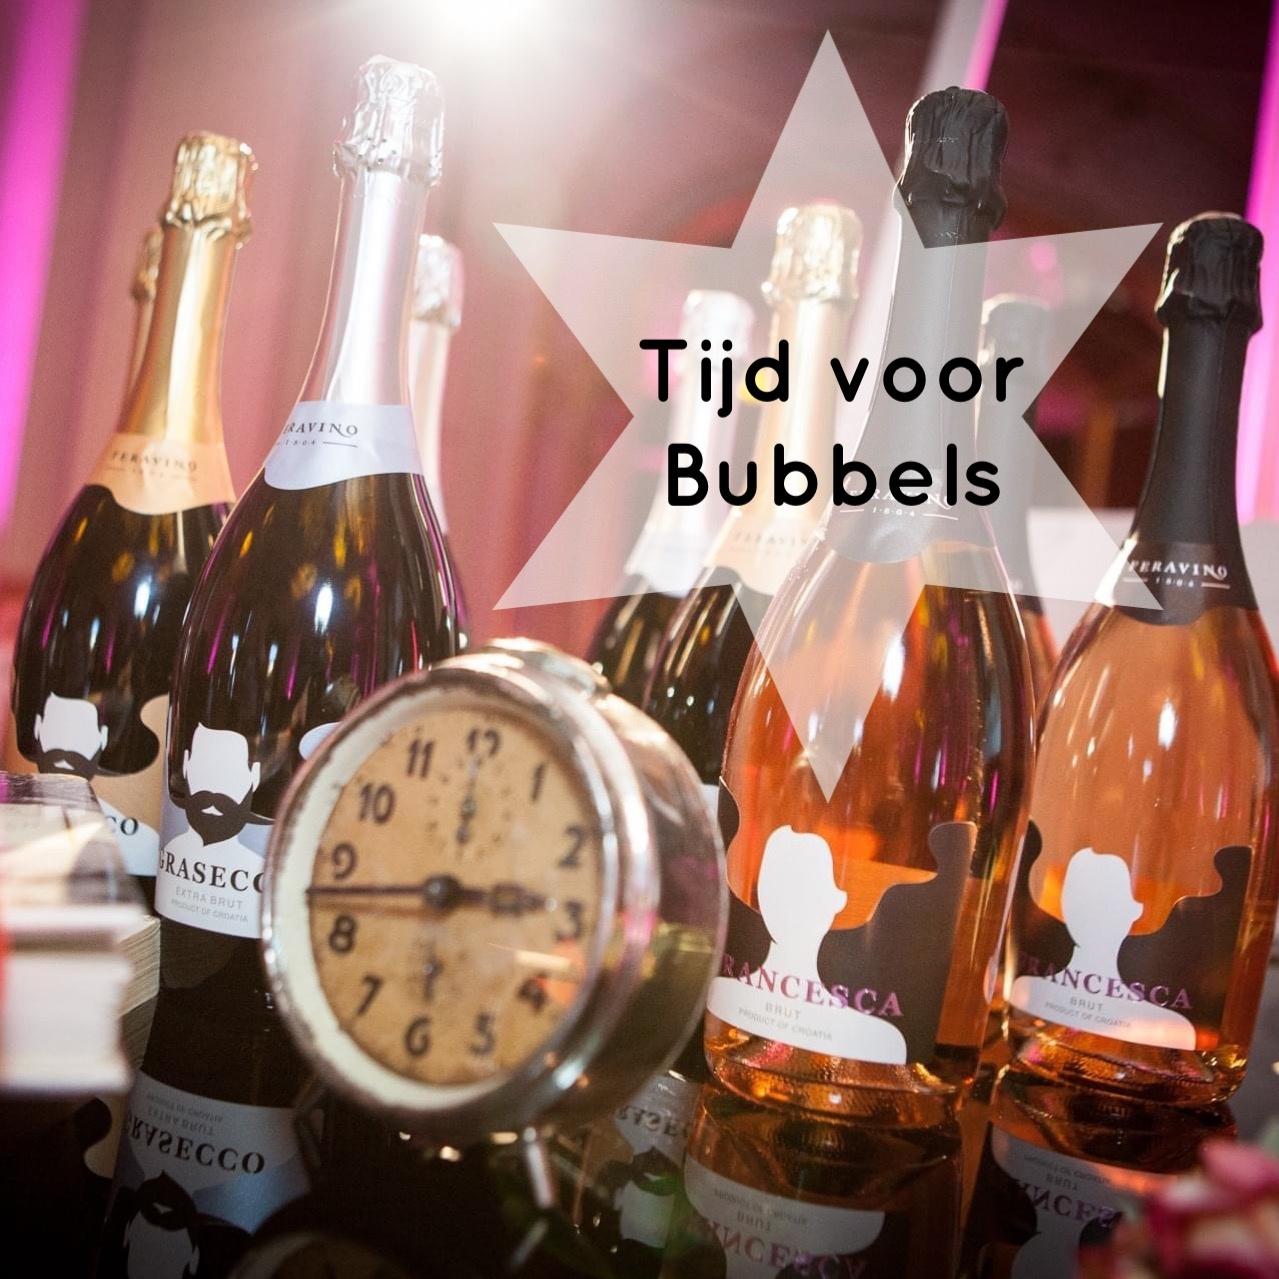 Tijd voor bubbels